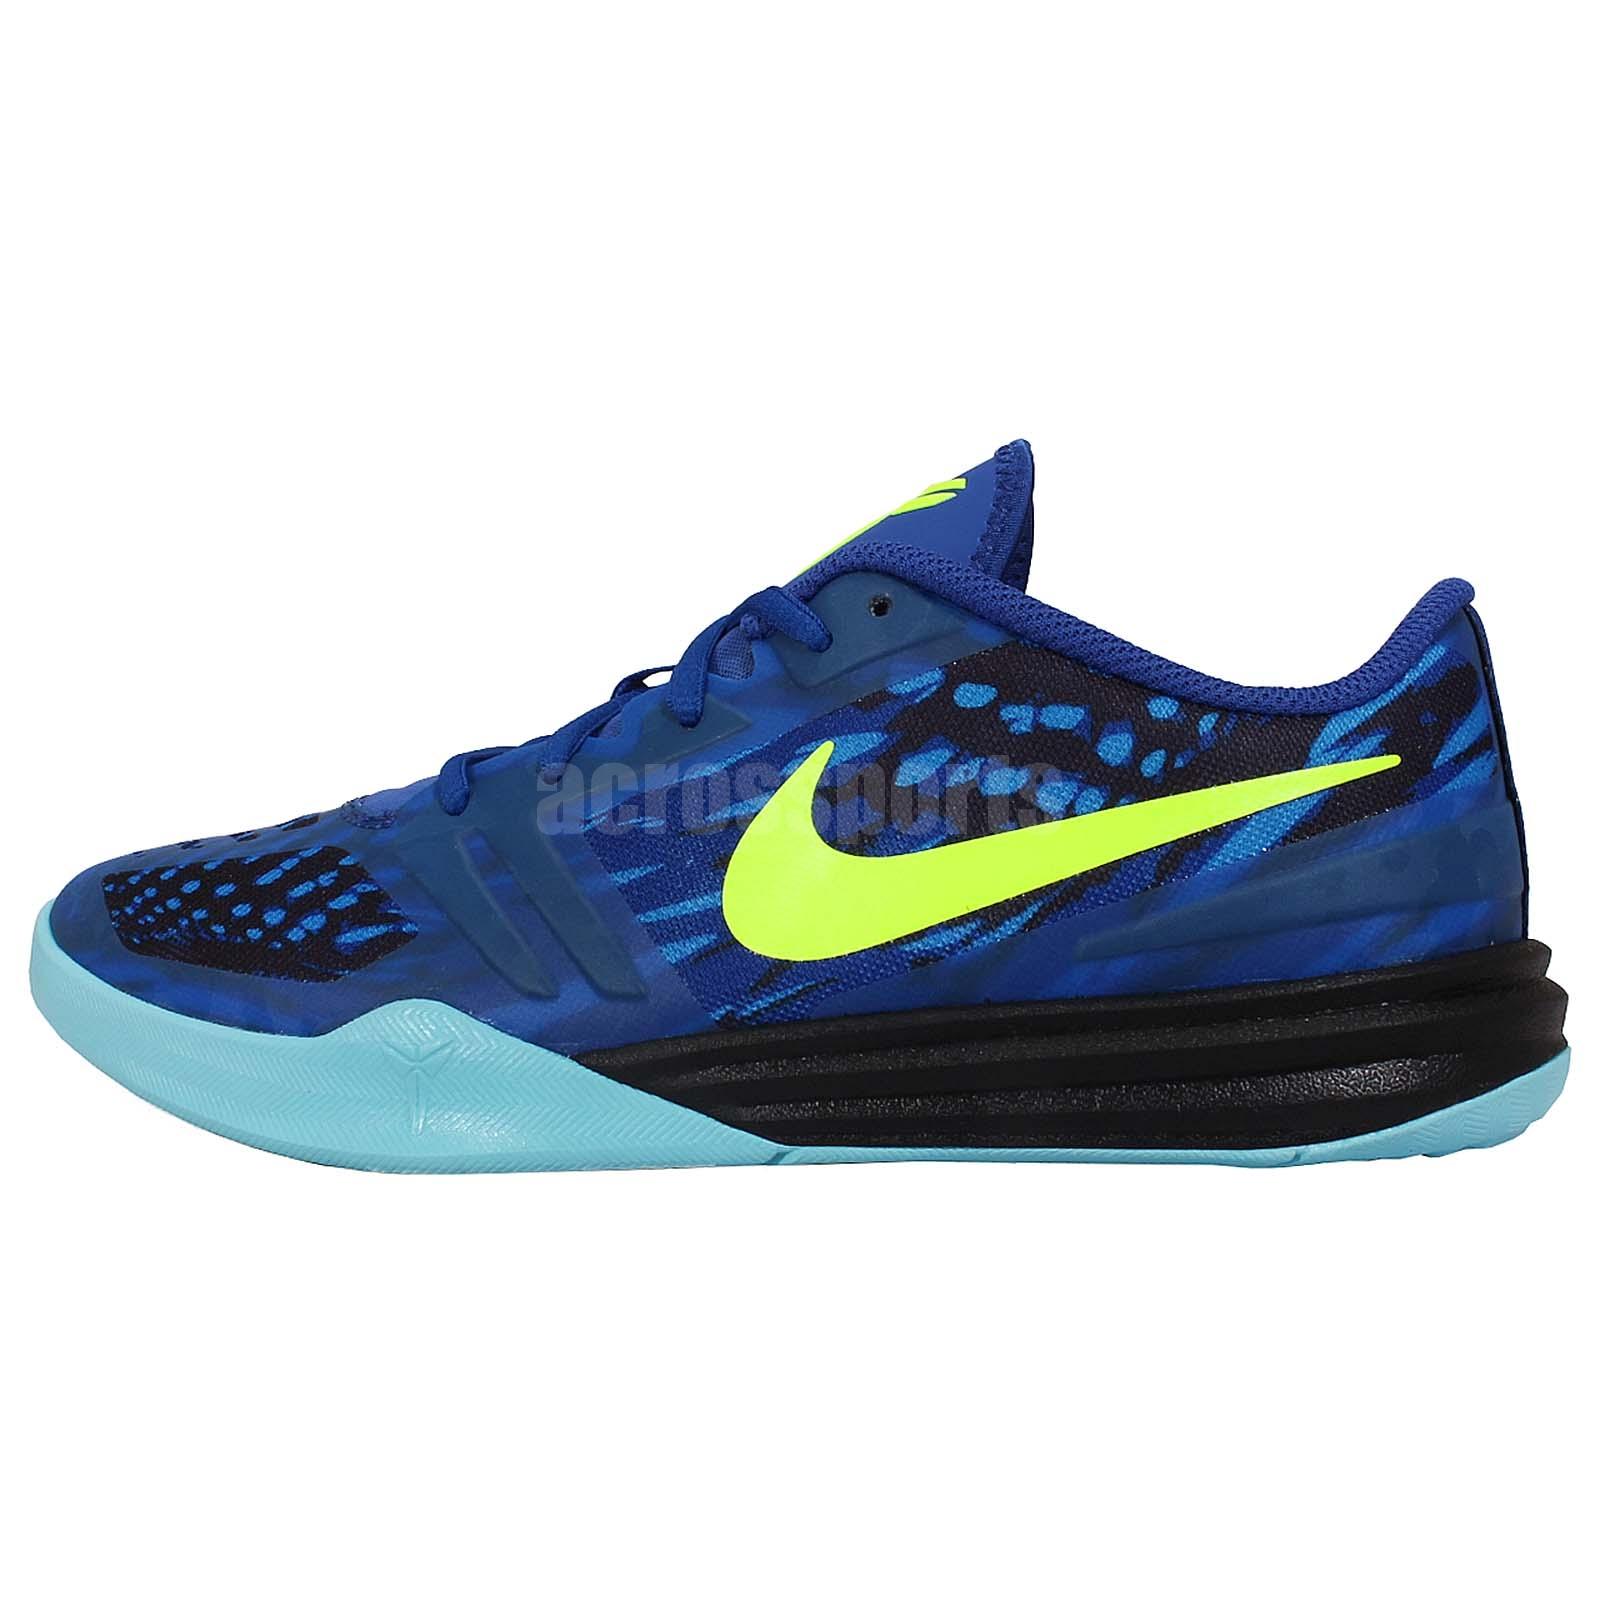 Kobe Bryant Shoes Kids